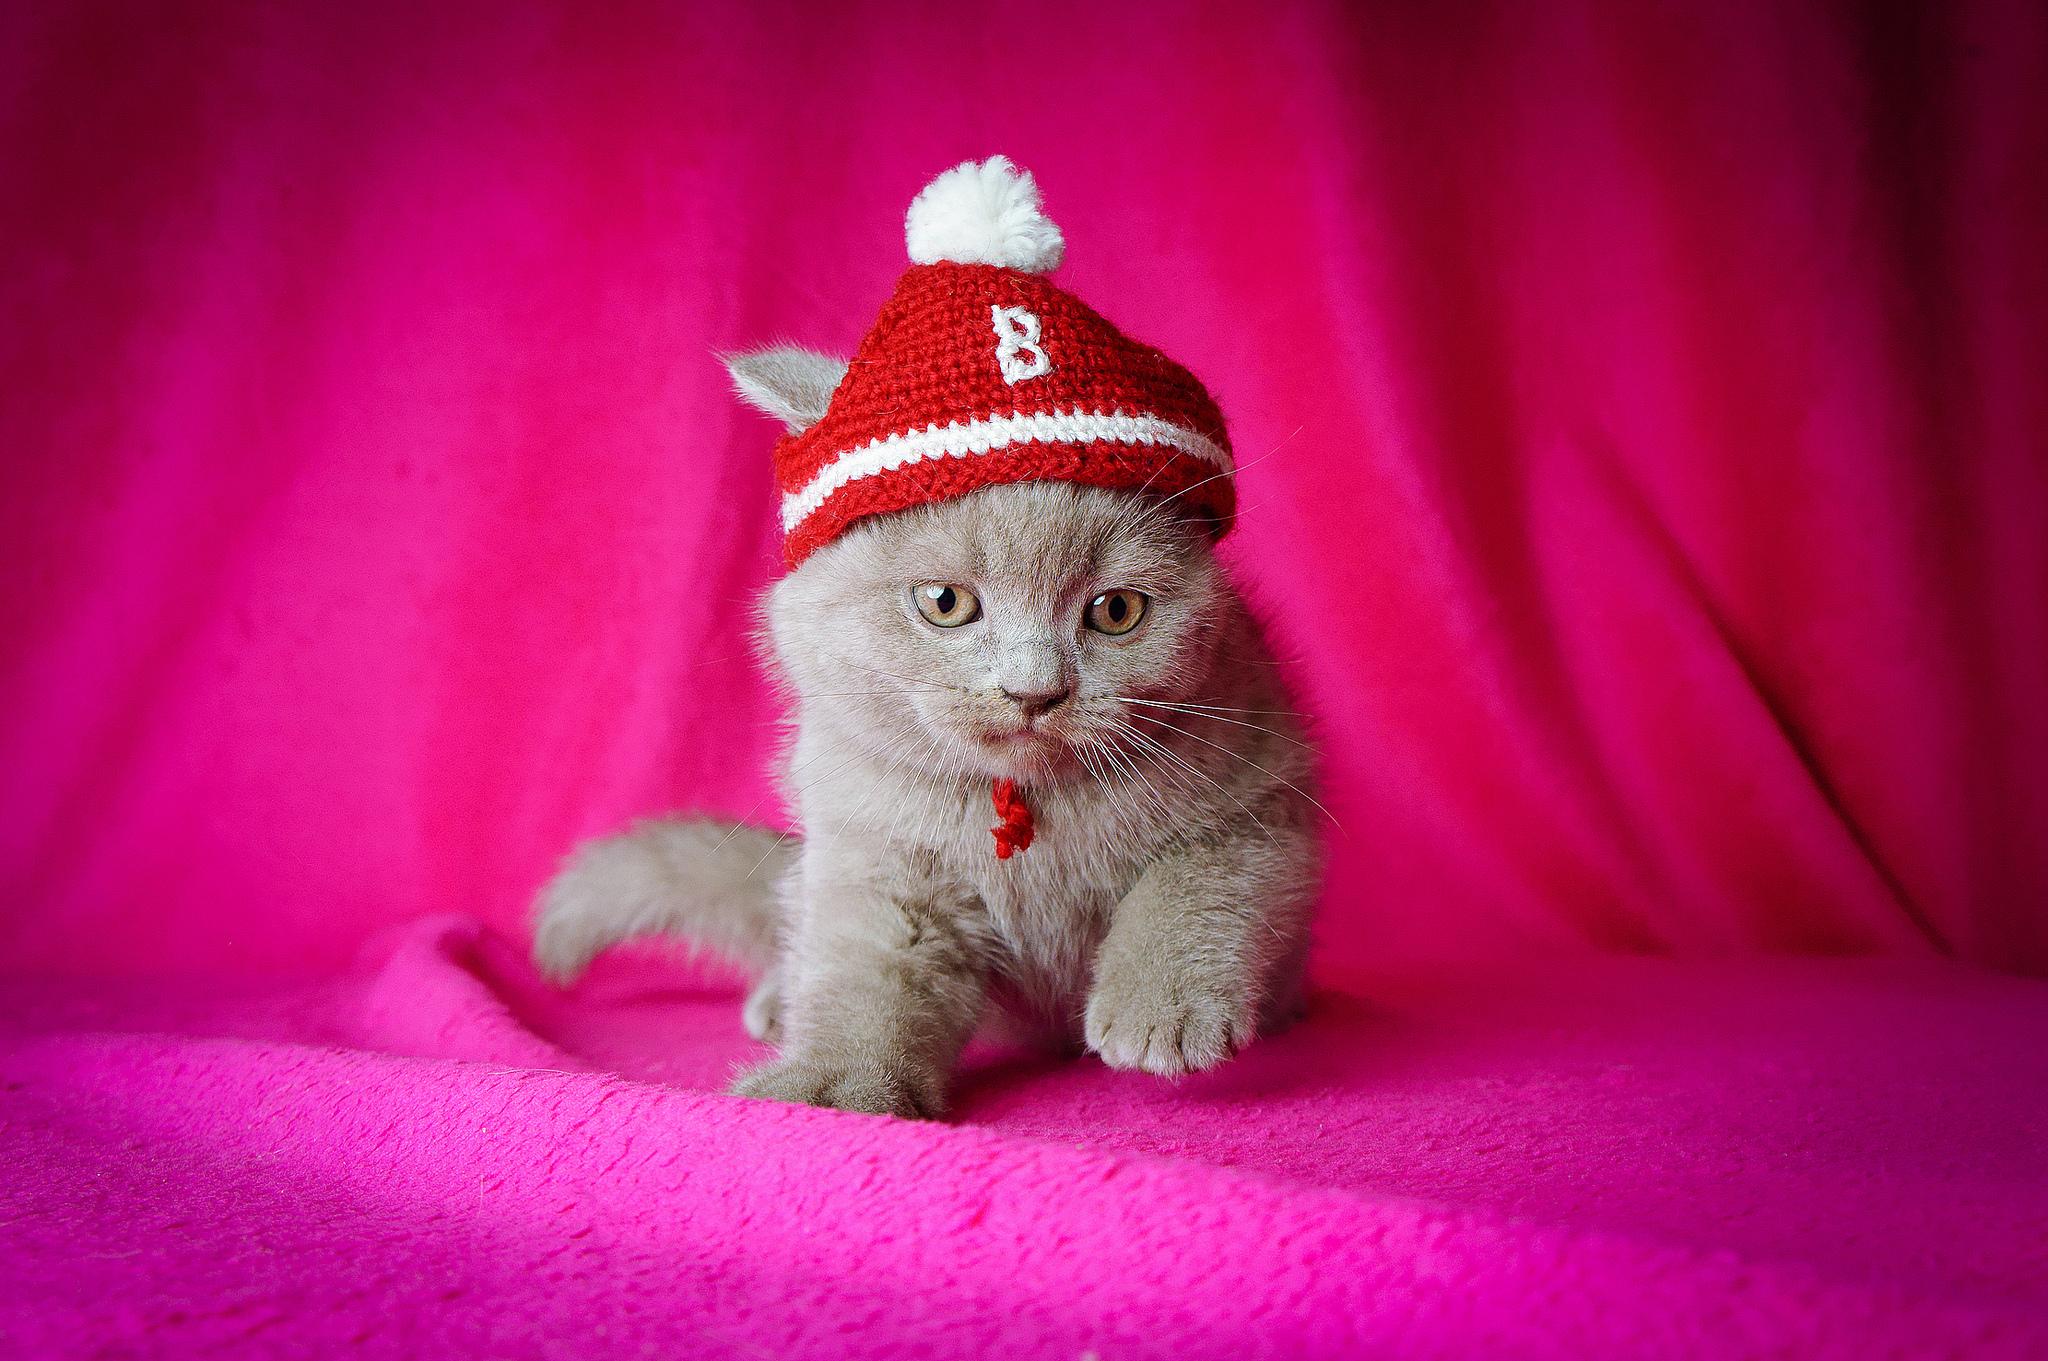 Кот под шапкой  № 3059223 загрузить